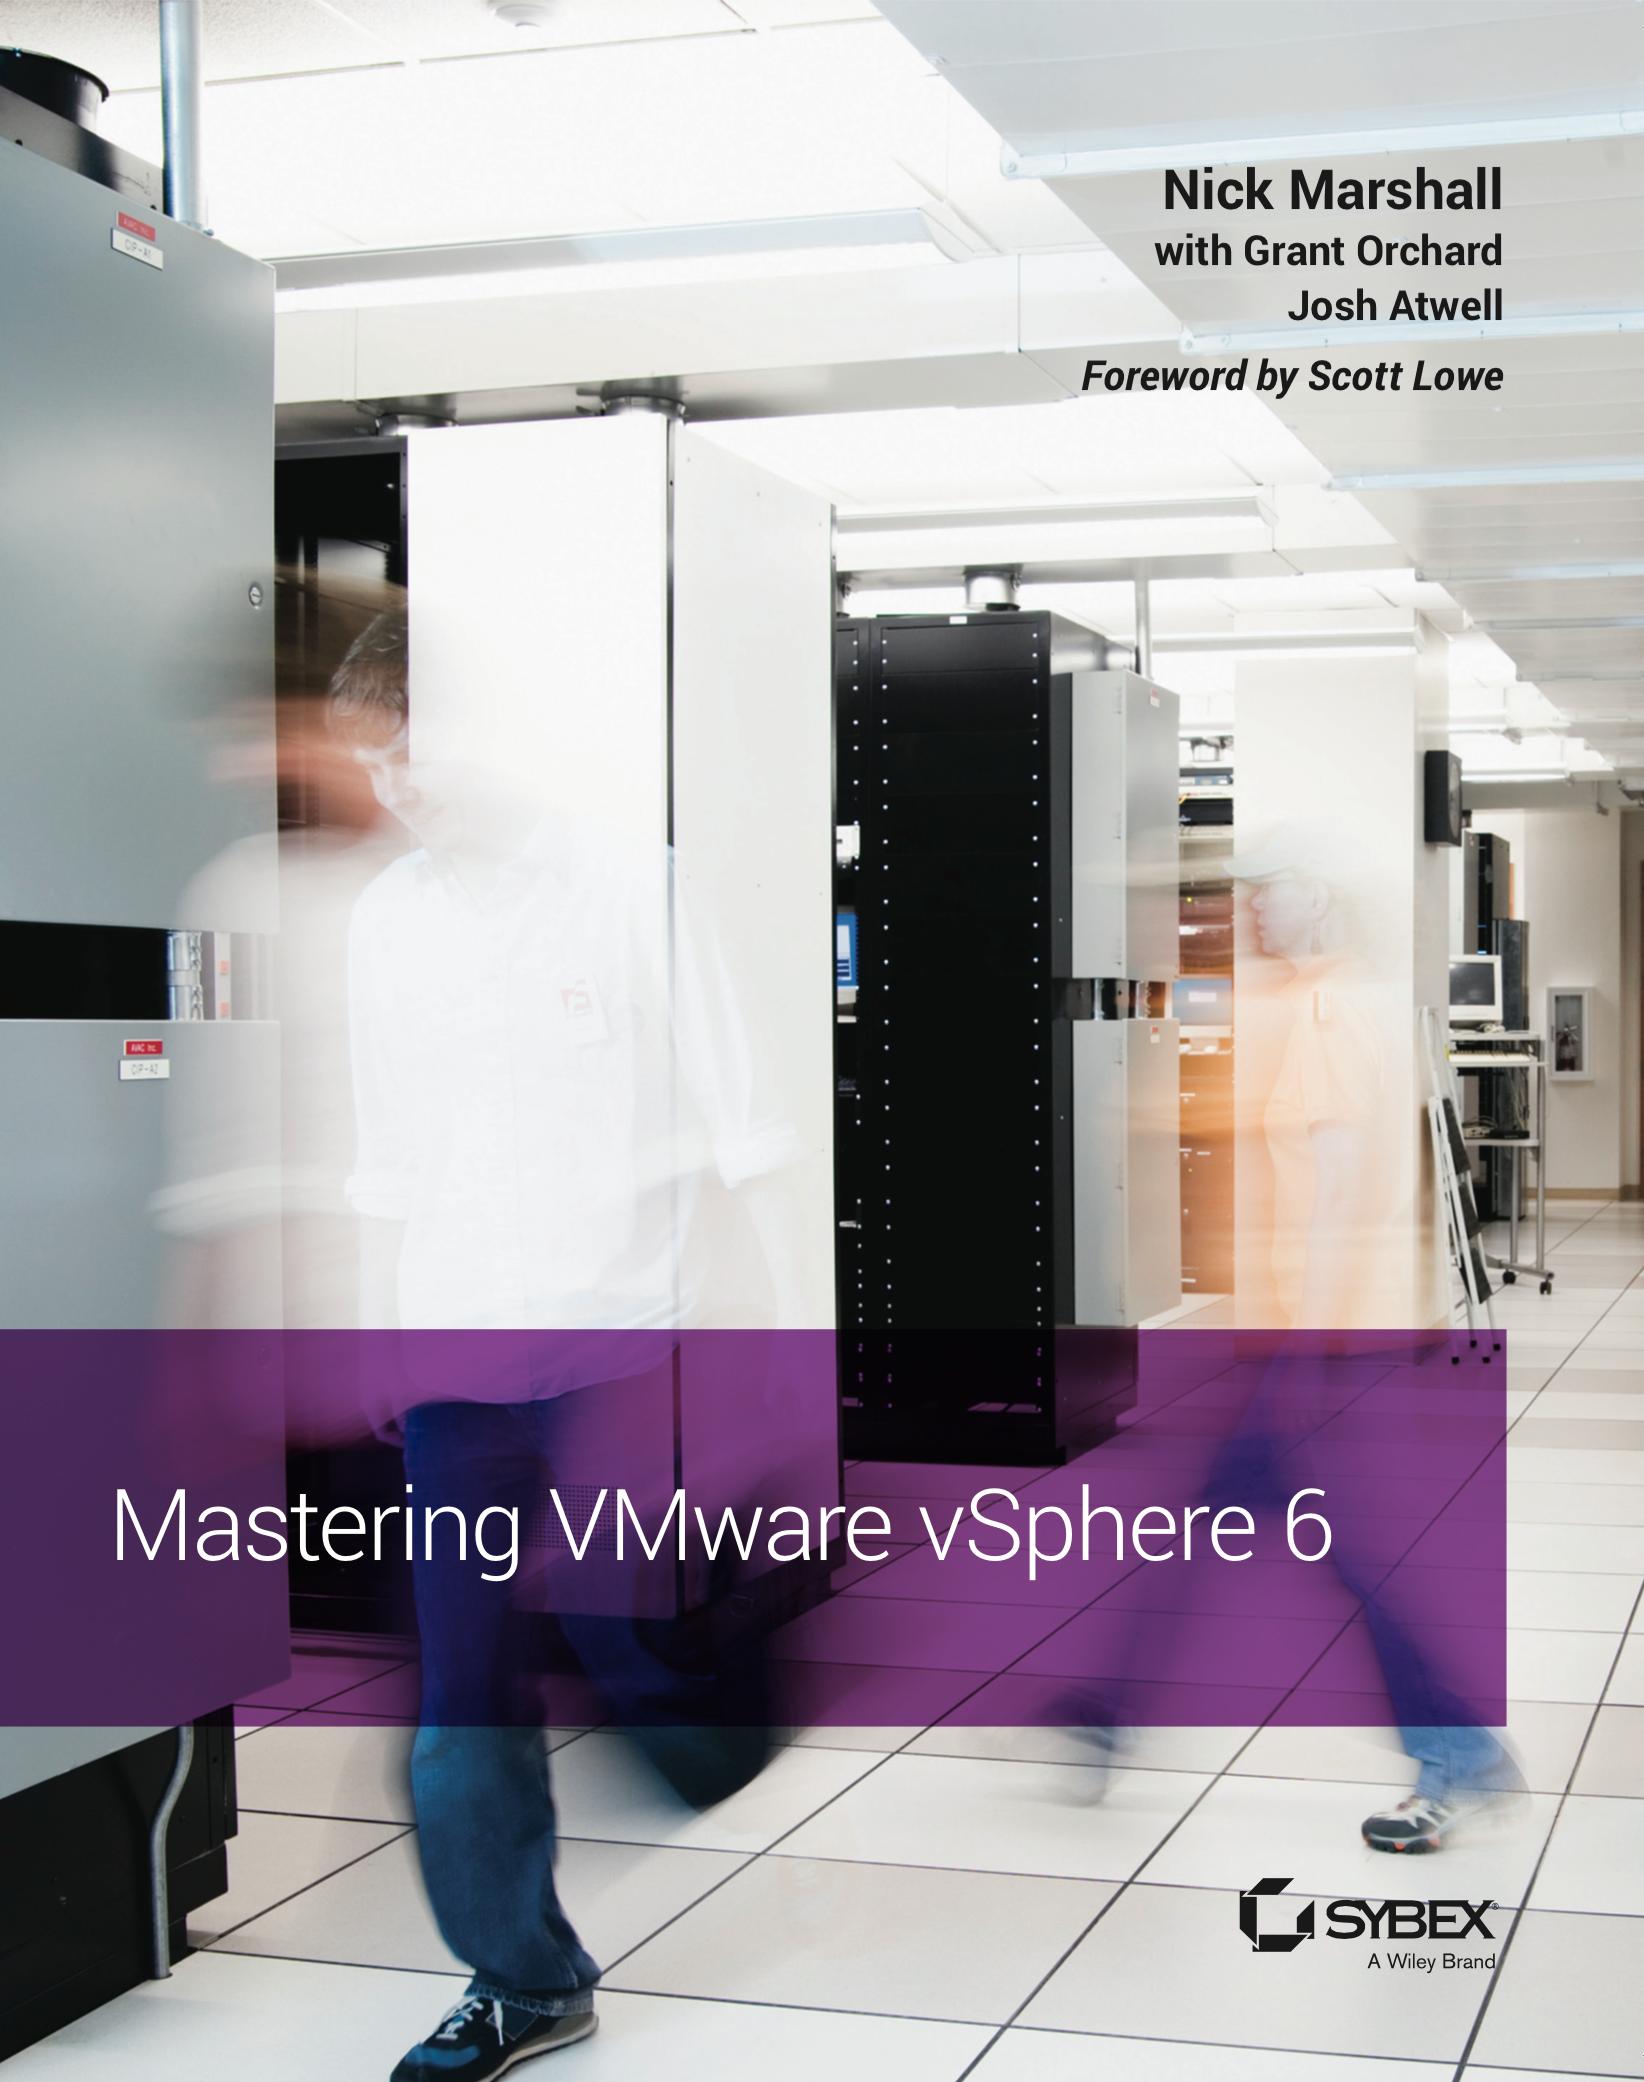 Mastering vSphere 6